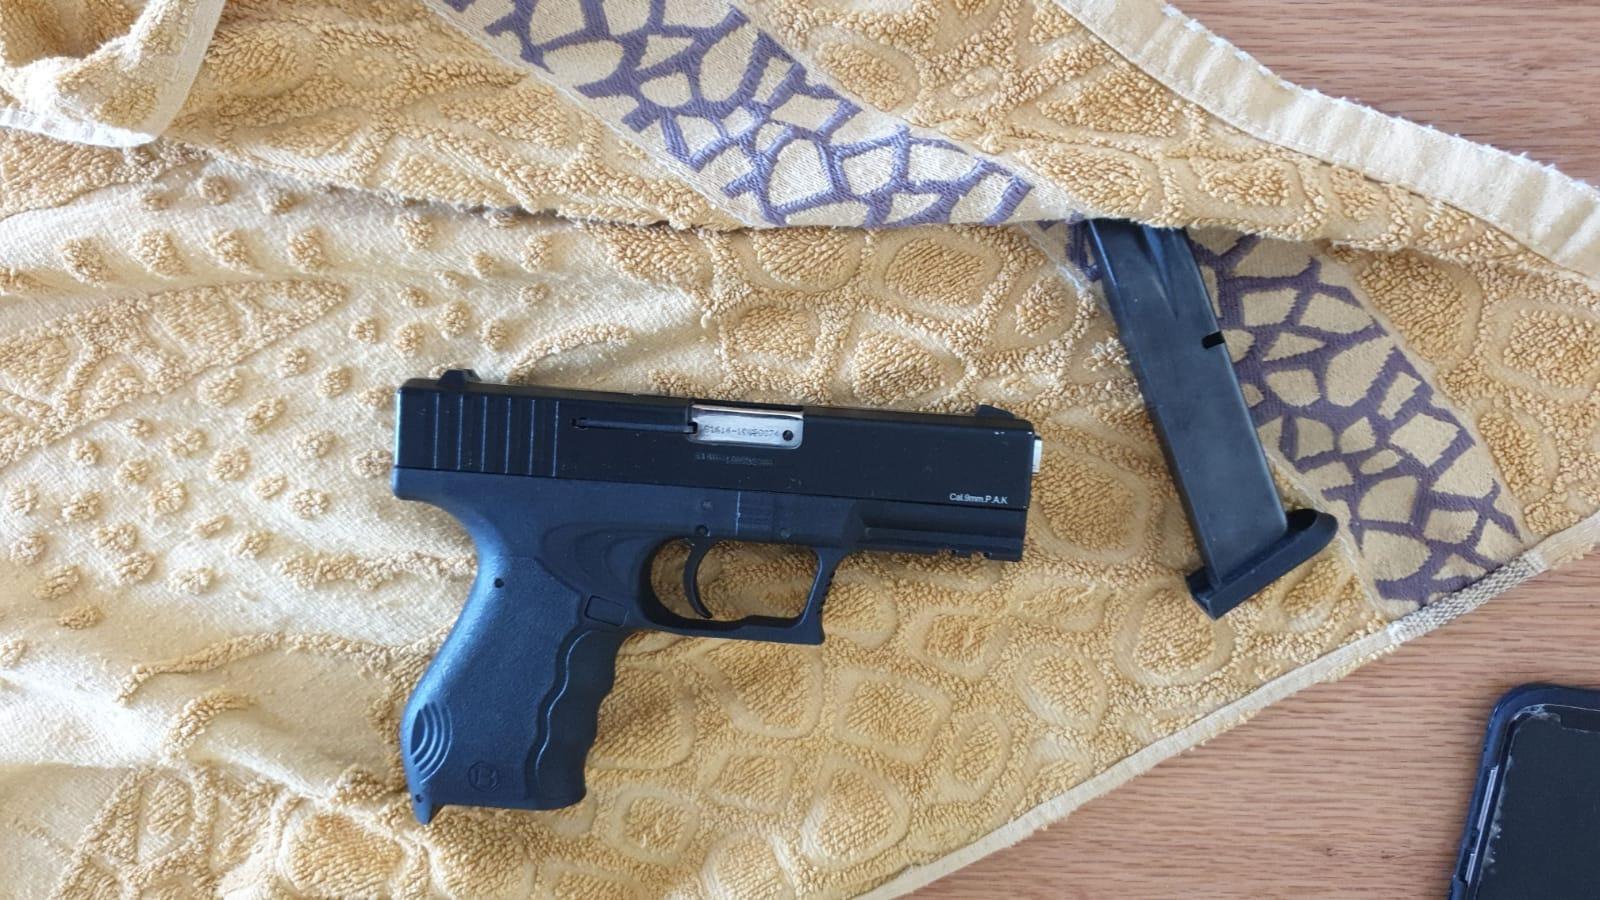 الشرطة: ضبط 3 مسدسات في اللد واعتقال مشتبهين